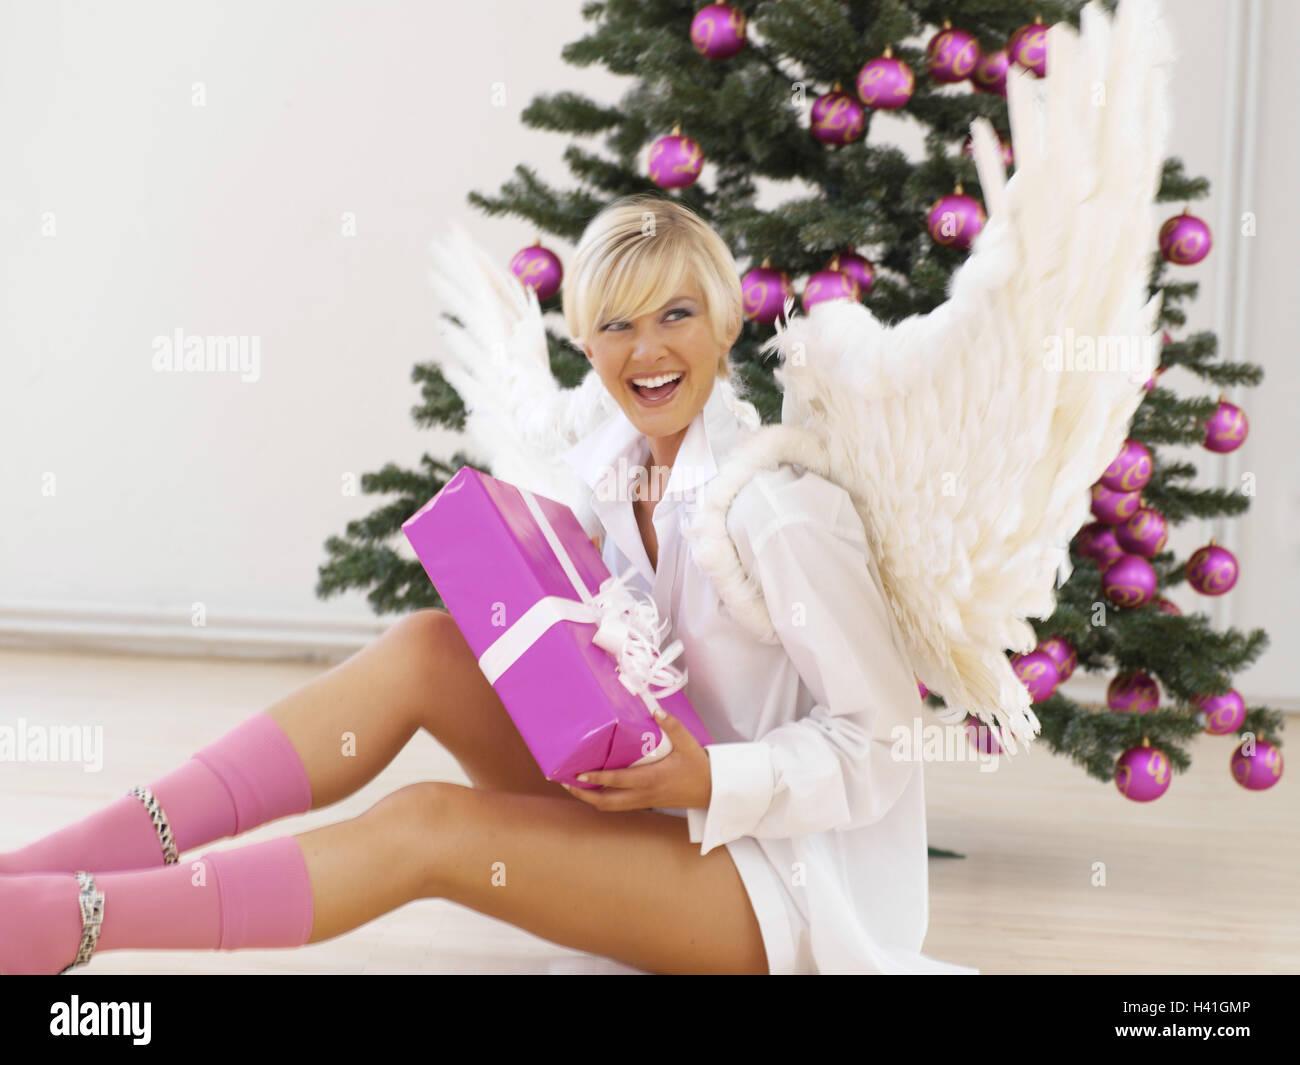 Frau Engels Flügel Geschenk Weihnachtsbaum Engel